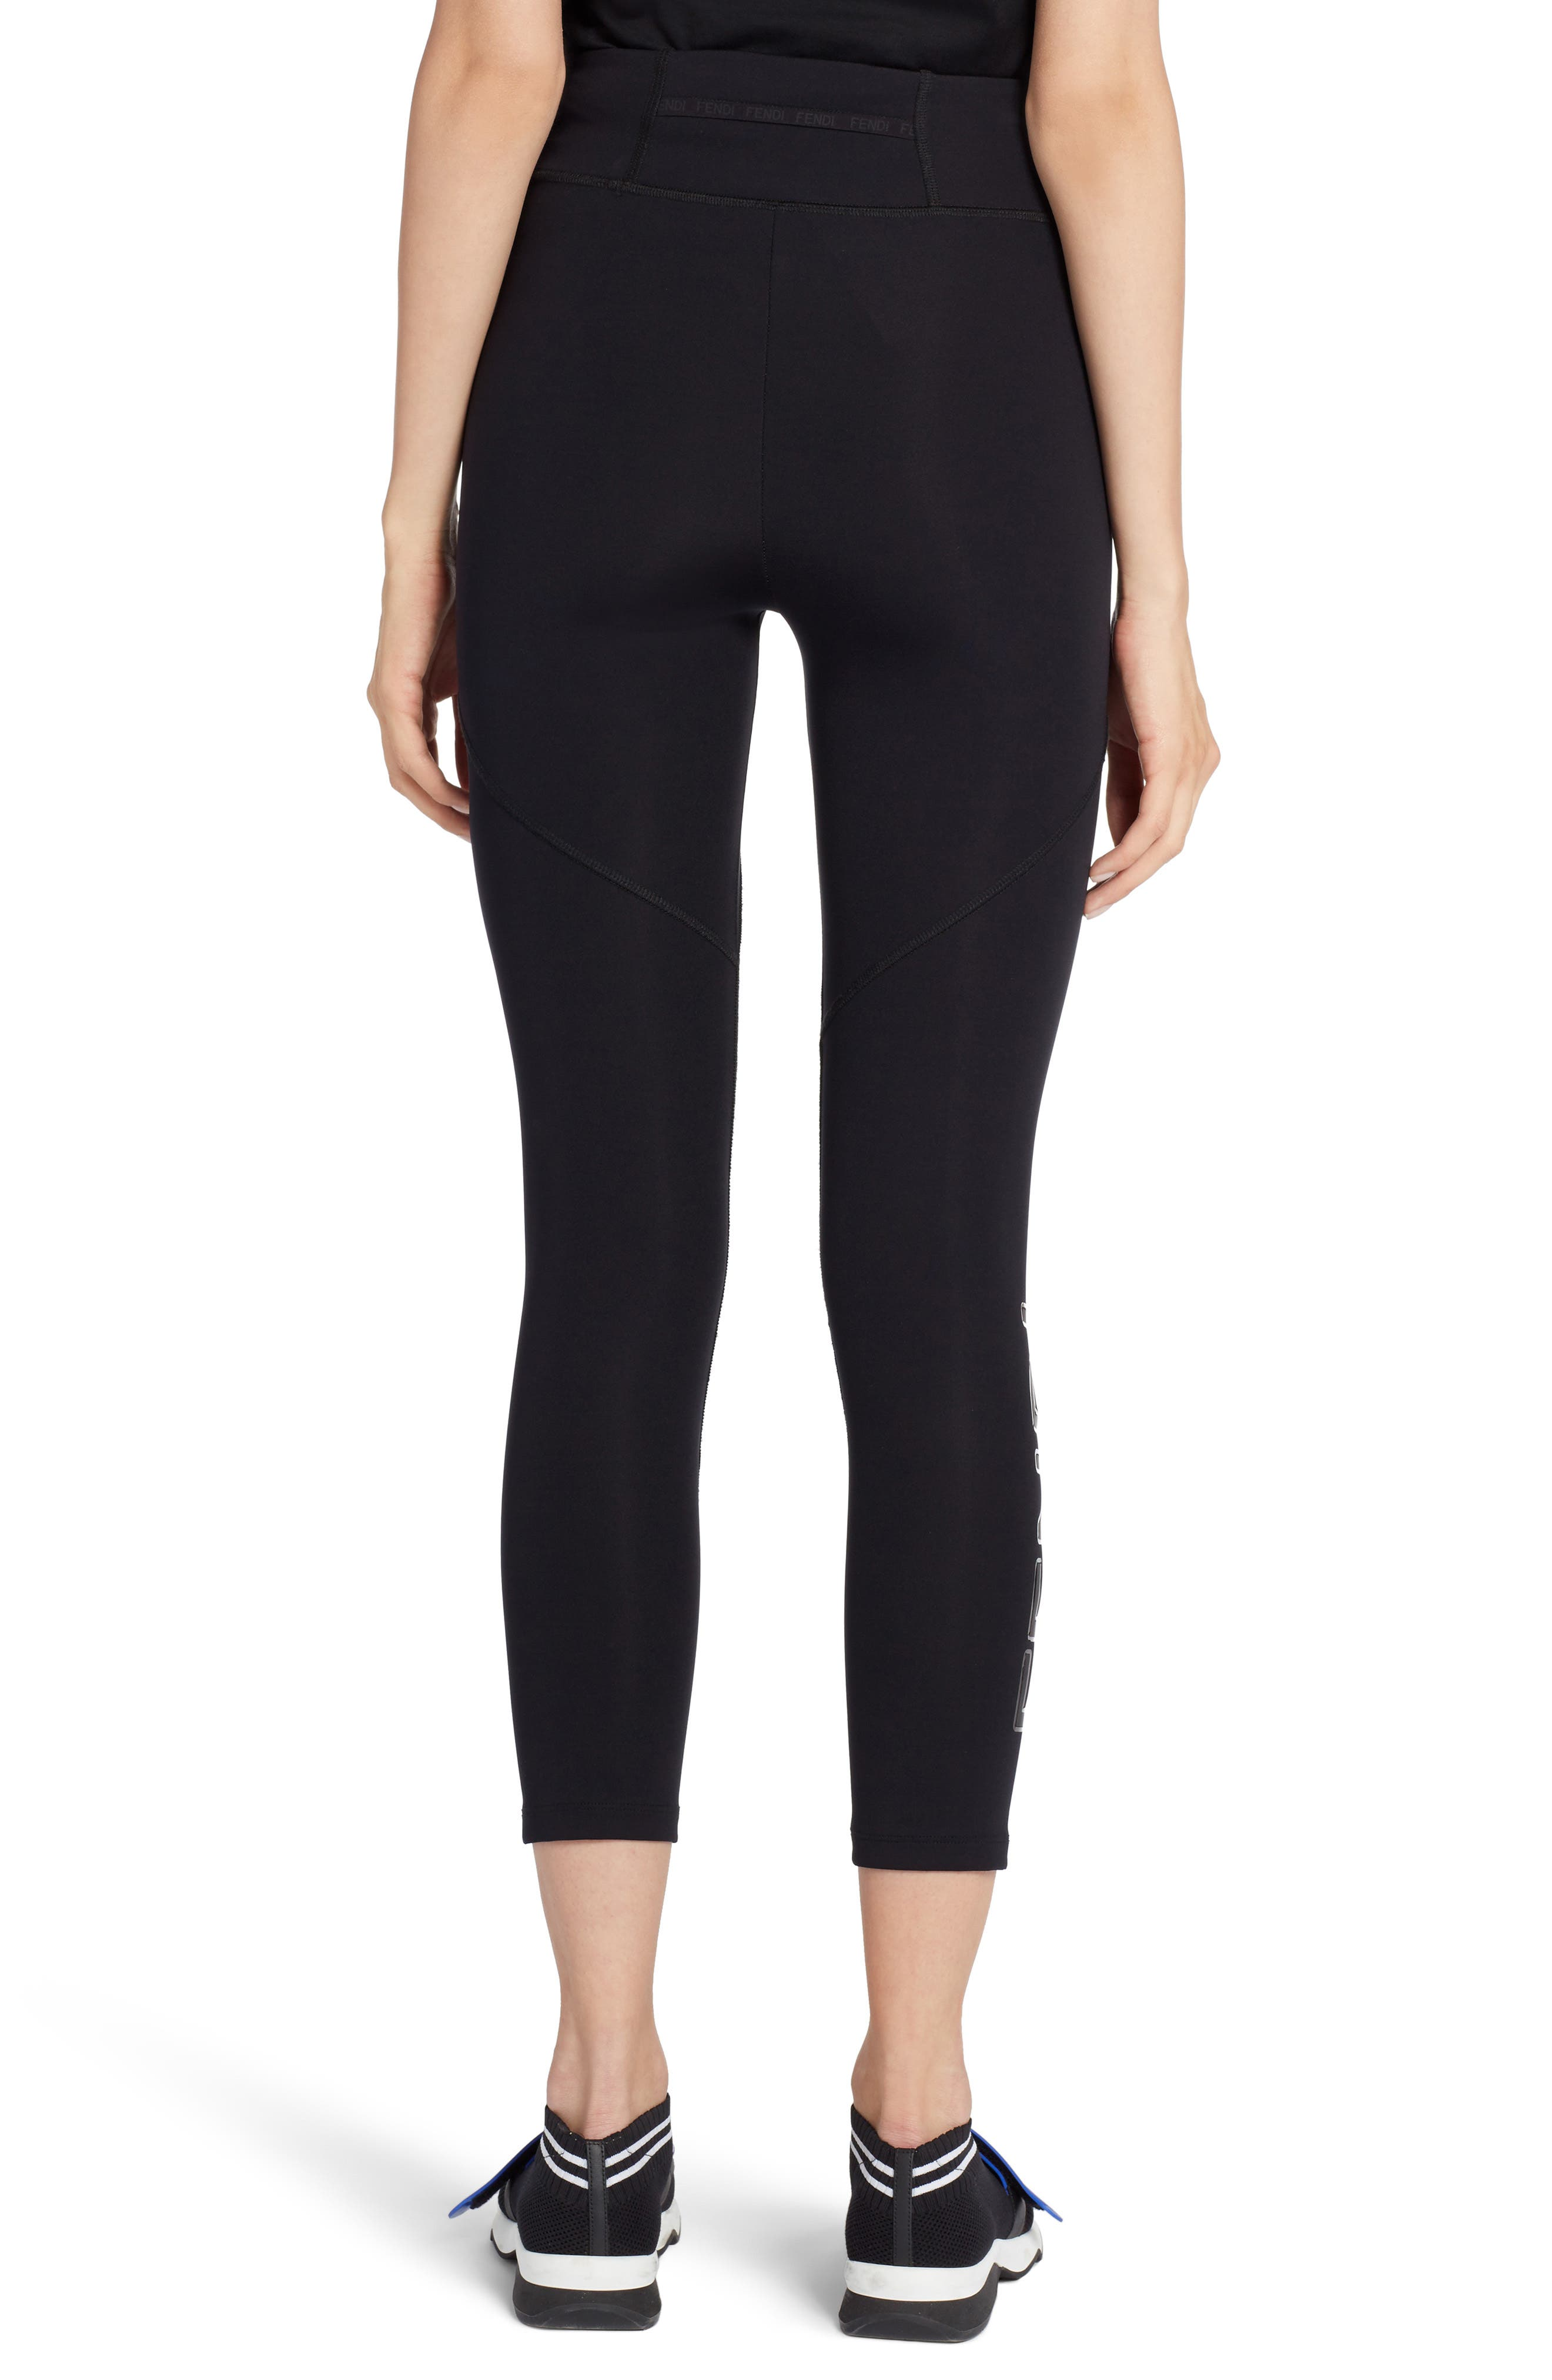 Roma Yoga Pants,                             Alternate thumbnail 2, color,